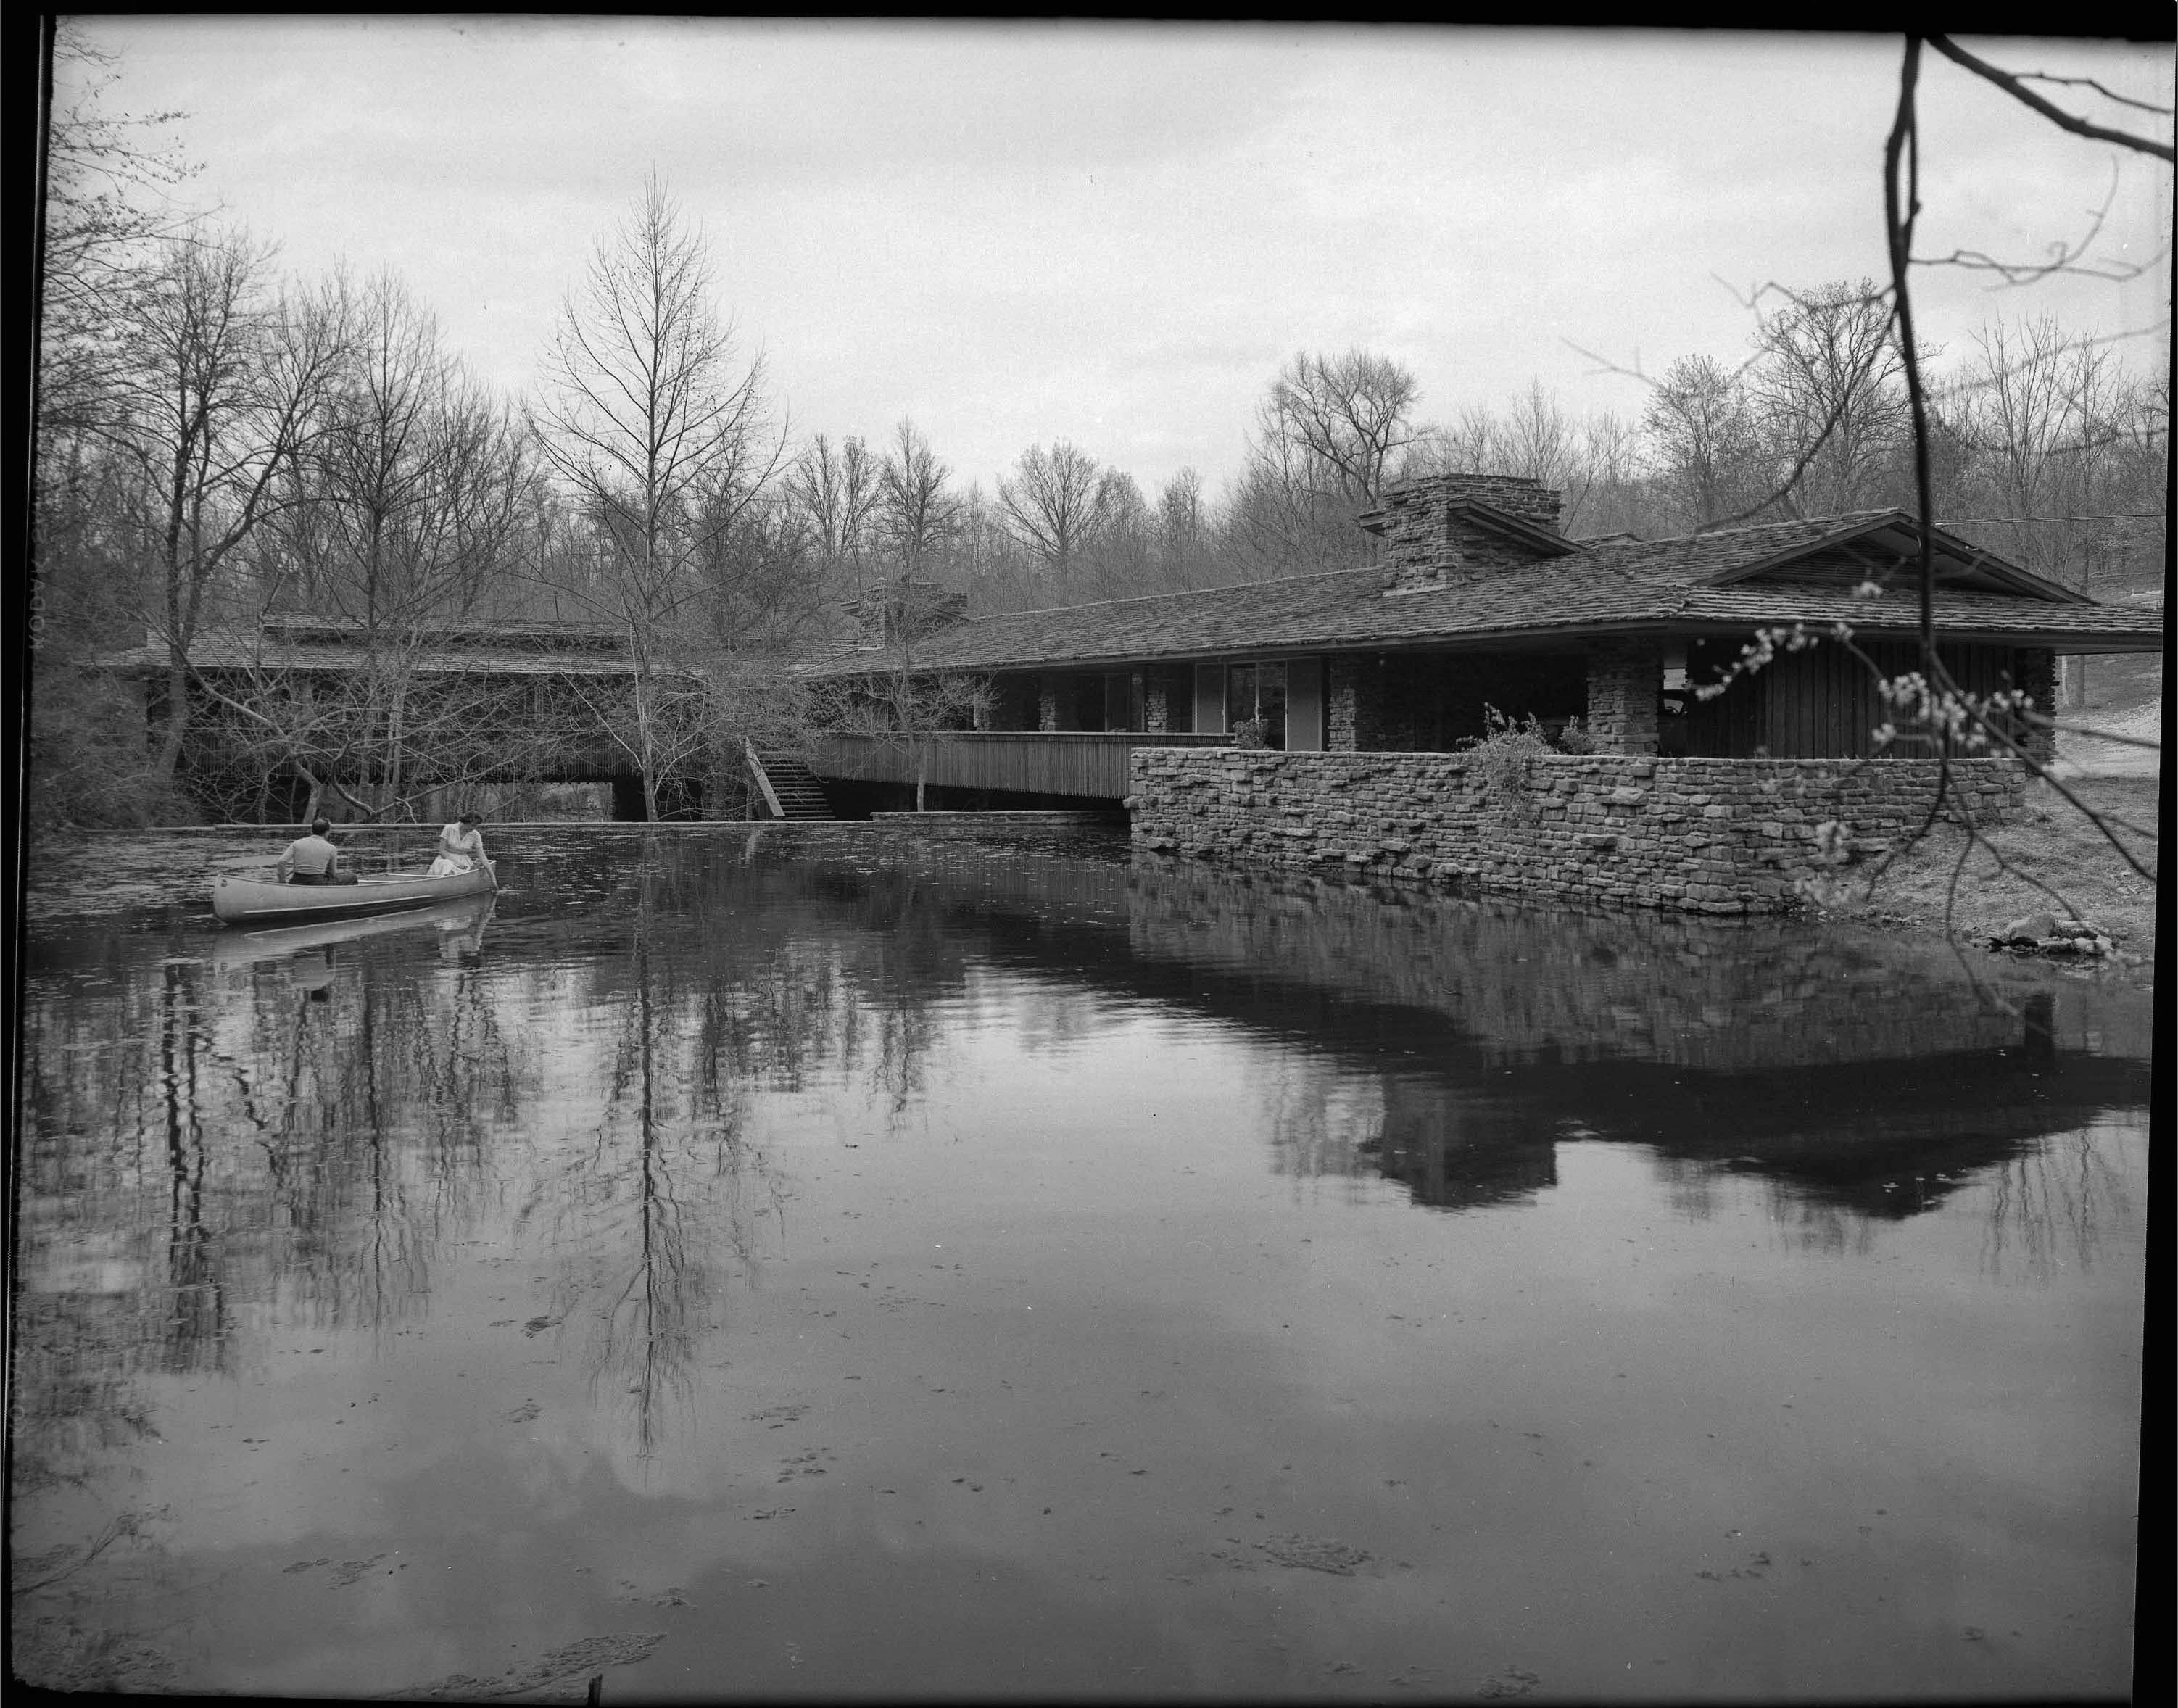 Walton Residence Bentonville Arkansas Built 1958 Flickr Photo Sharing